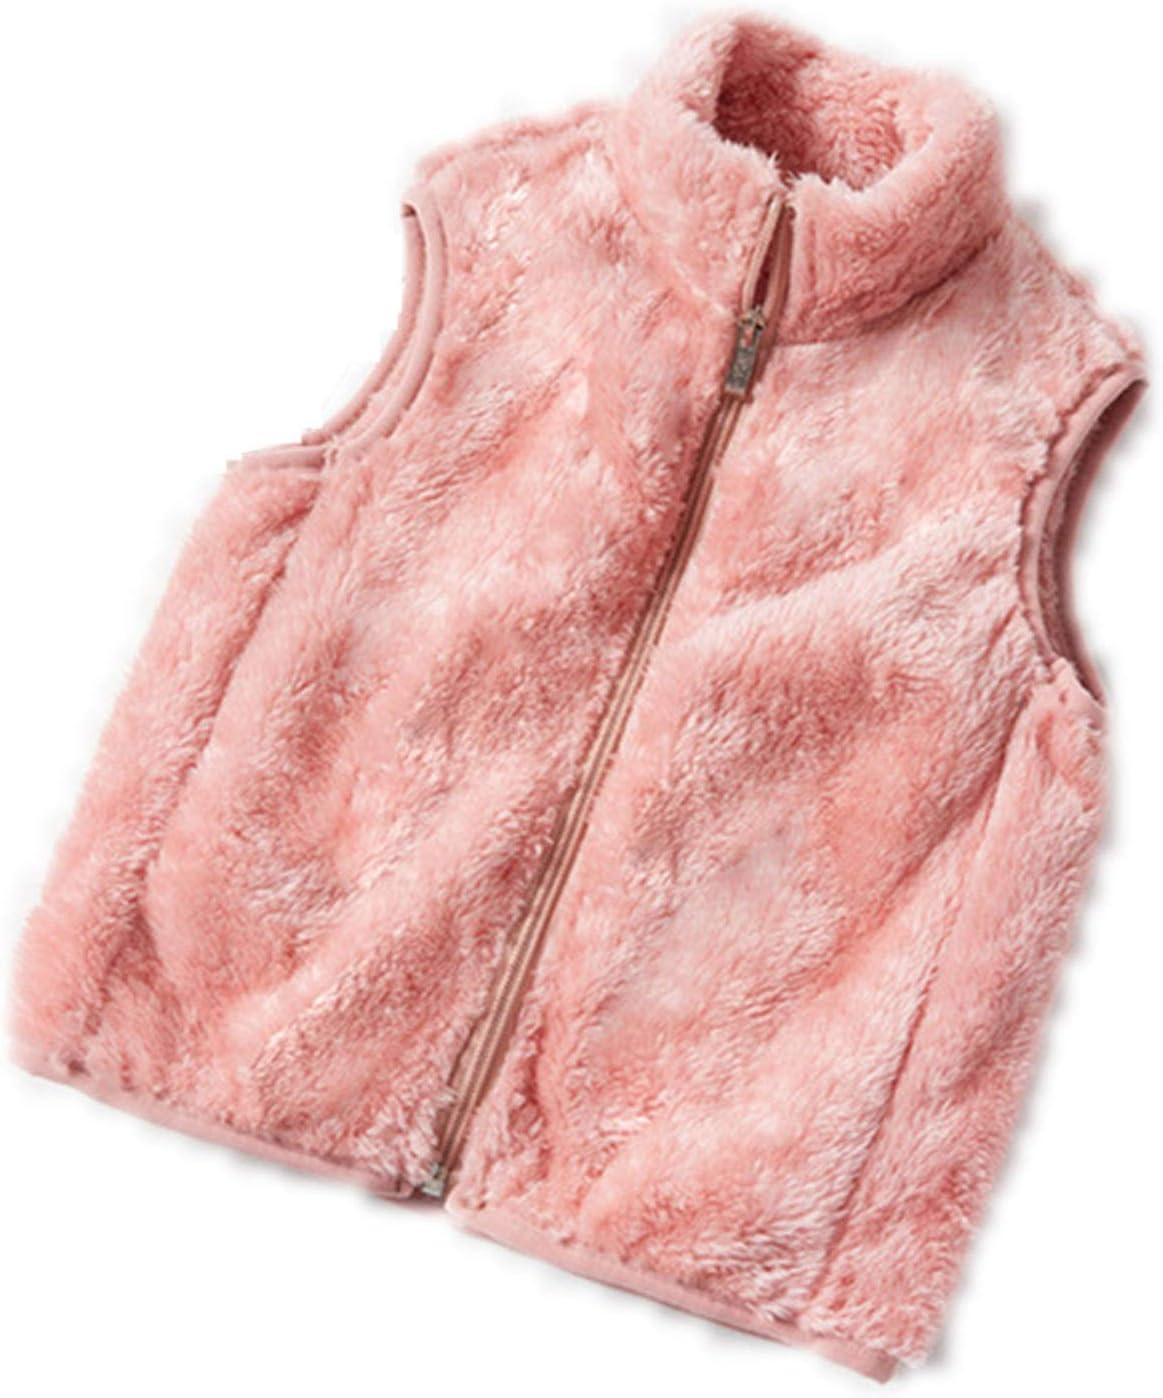 DUTUI Children's Autumn and Winter Girl Vests, Girls Plus Fleece Warm Fleece Vest Jacket, Children's Solid Color Casual Cardigan Vest,Pink,3XL